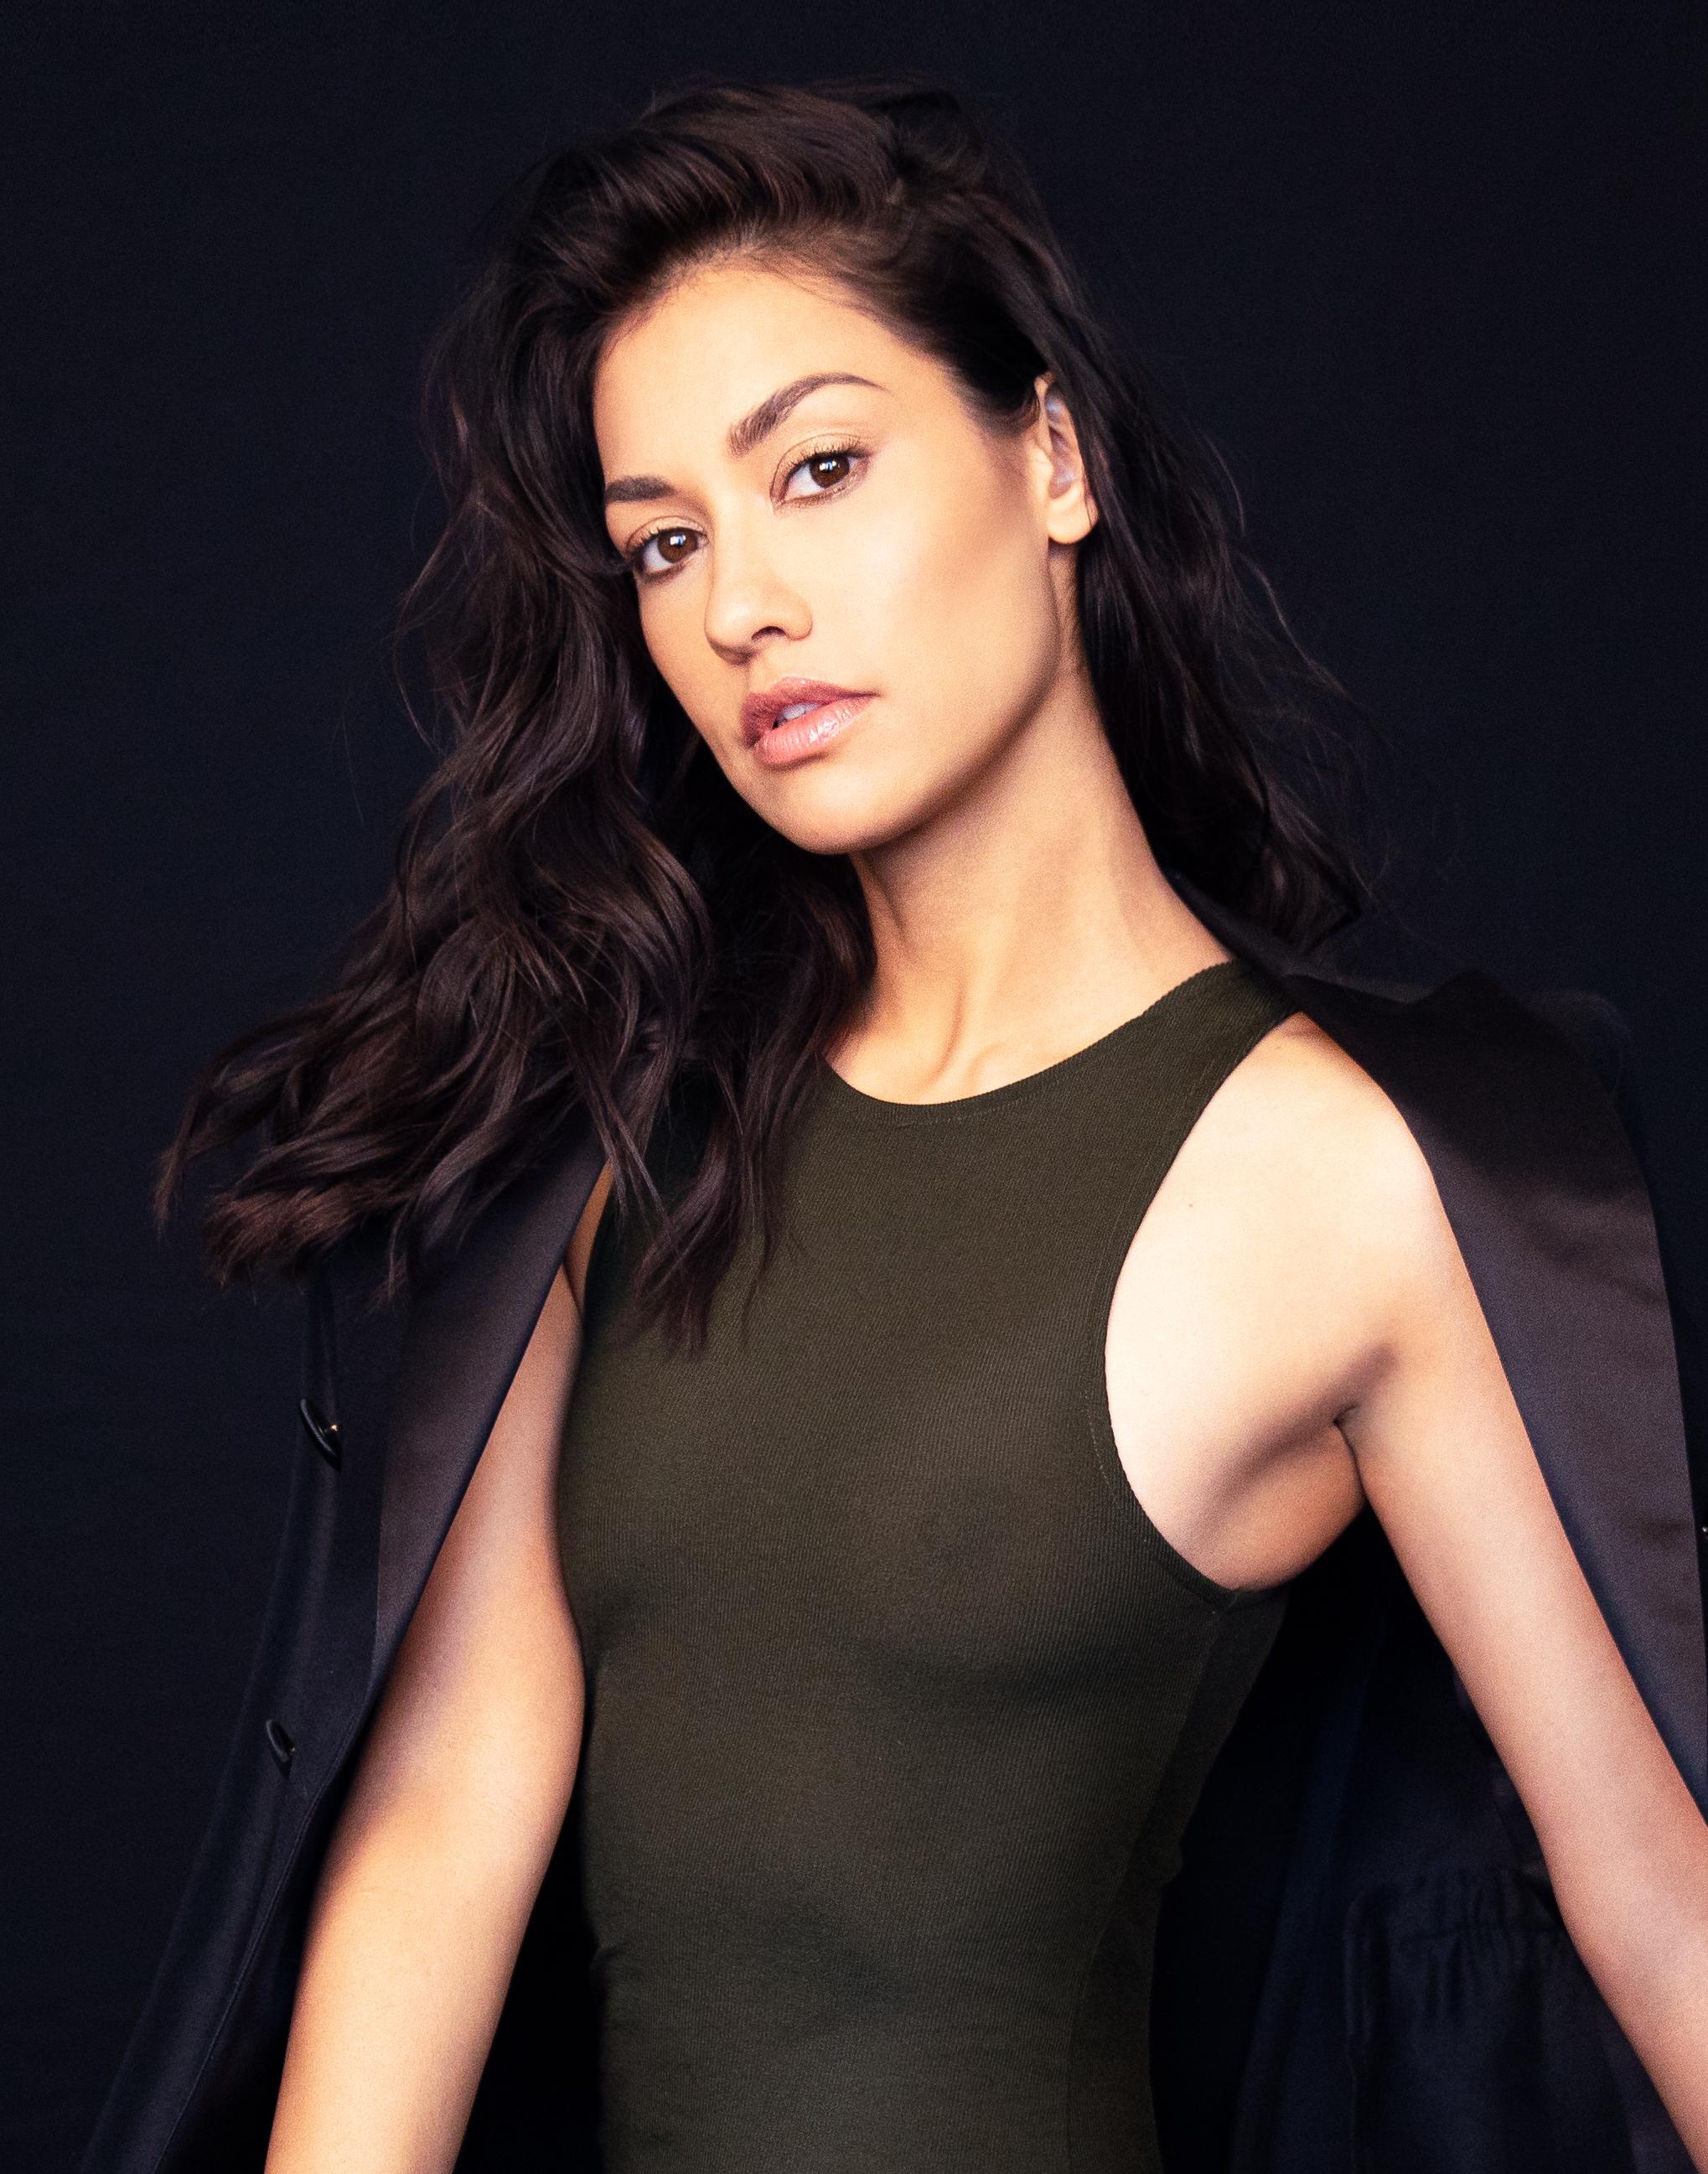 Актер девушка модель работа девушка в магазине на работе фото